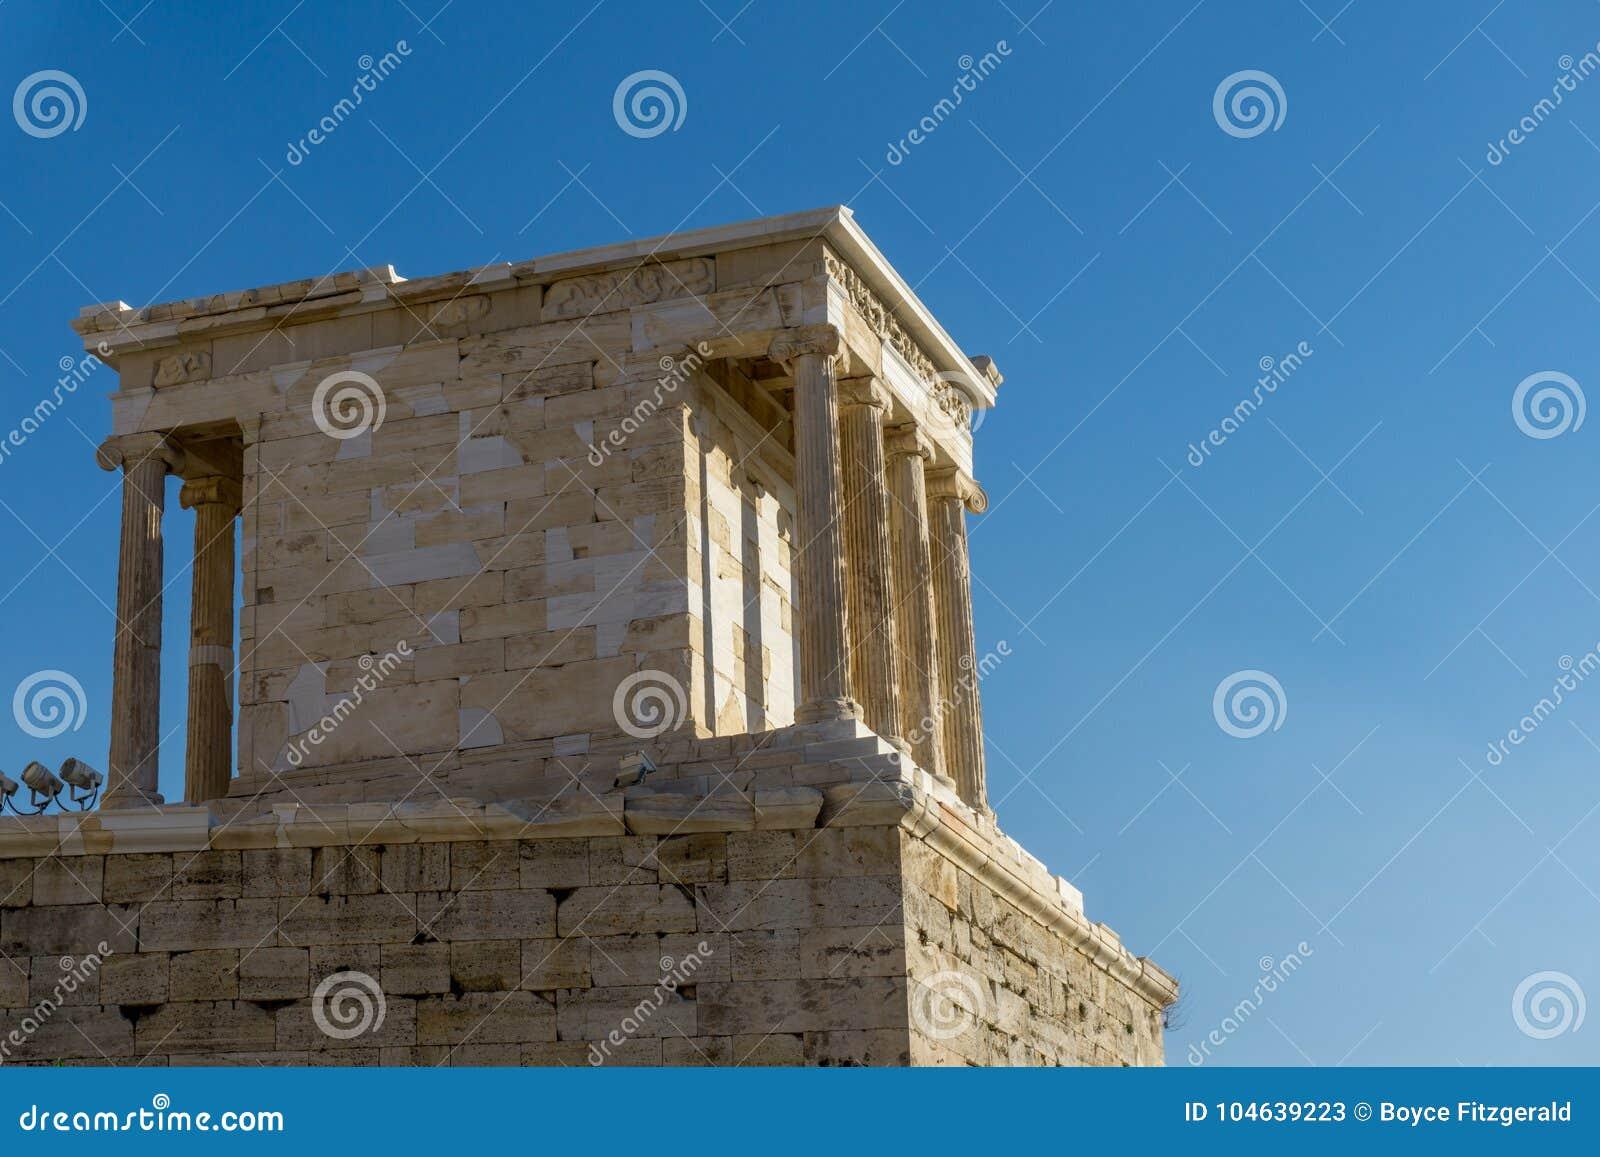 Download Erechtheion Of Erechtheum Zijn Een Oude Griekse Tempel Op De Akropolis Van Athene In Griekenland Stock Afbeelding - Afbeelding bestaande uit acropolis, steen: 104639223